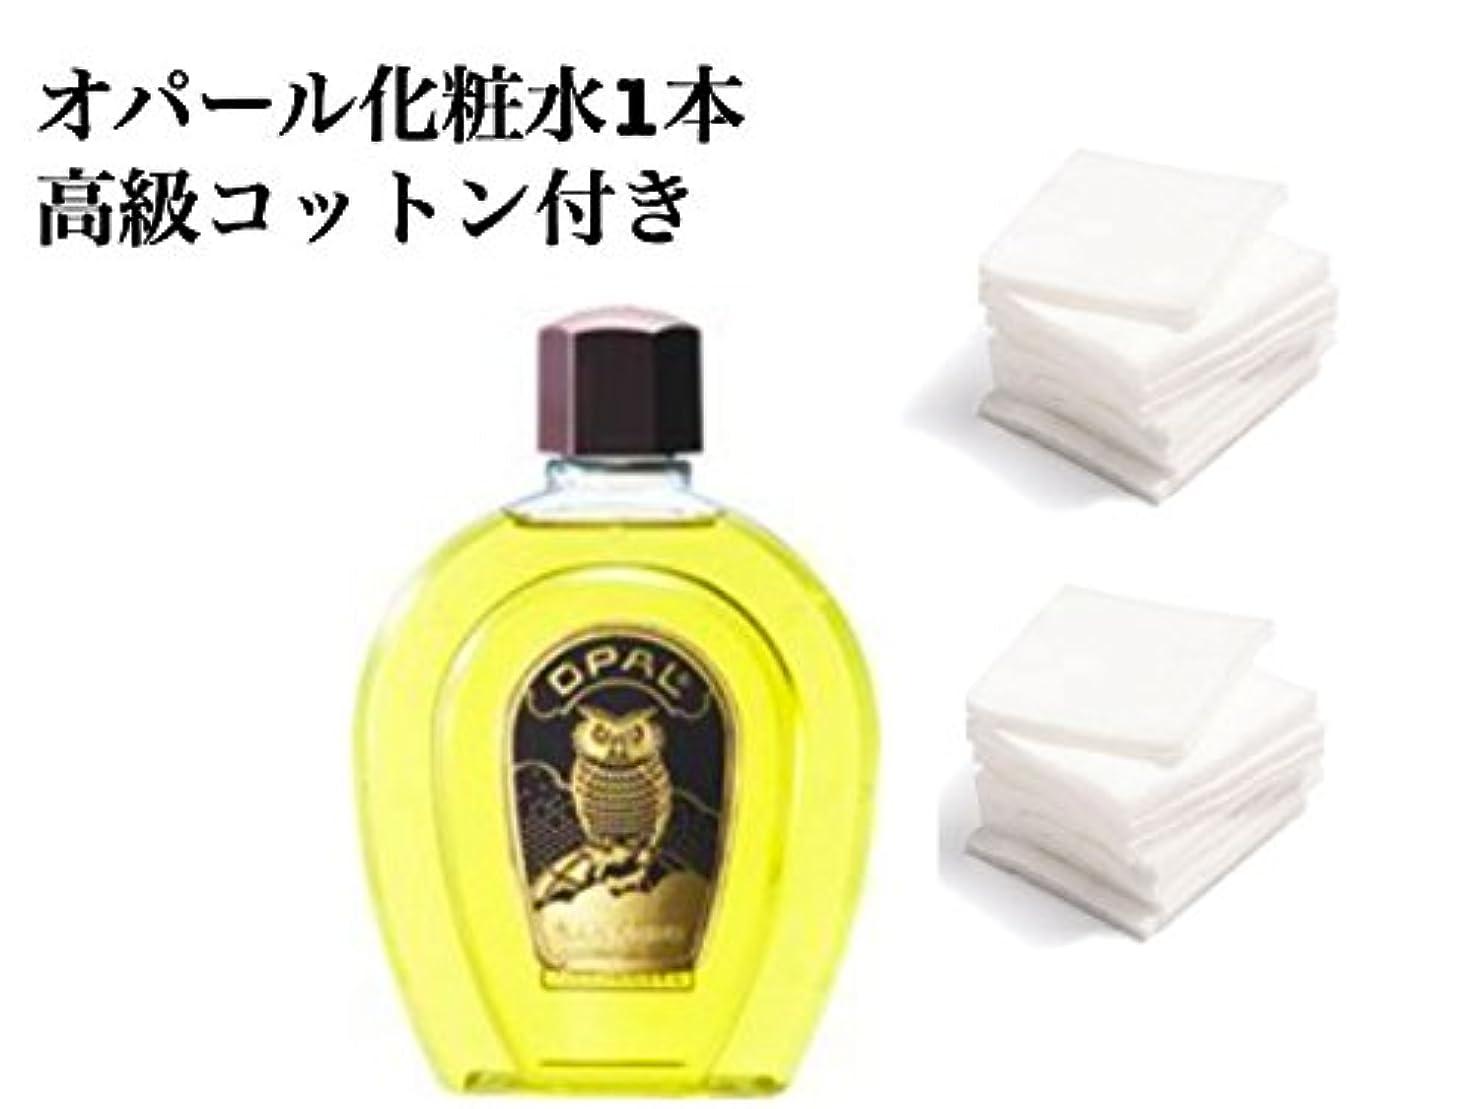 ベリー提供された流行薬用オパール_普通肌?荒肌用化粧水 [医薬部外品] (250mL)